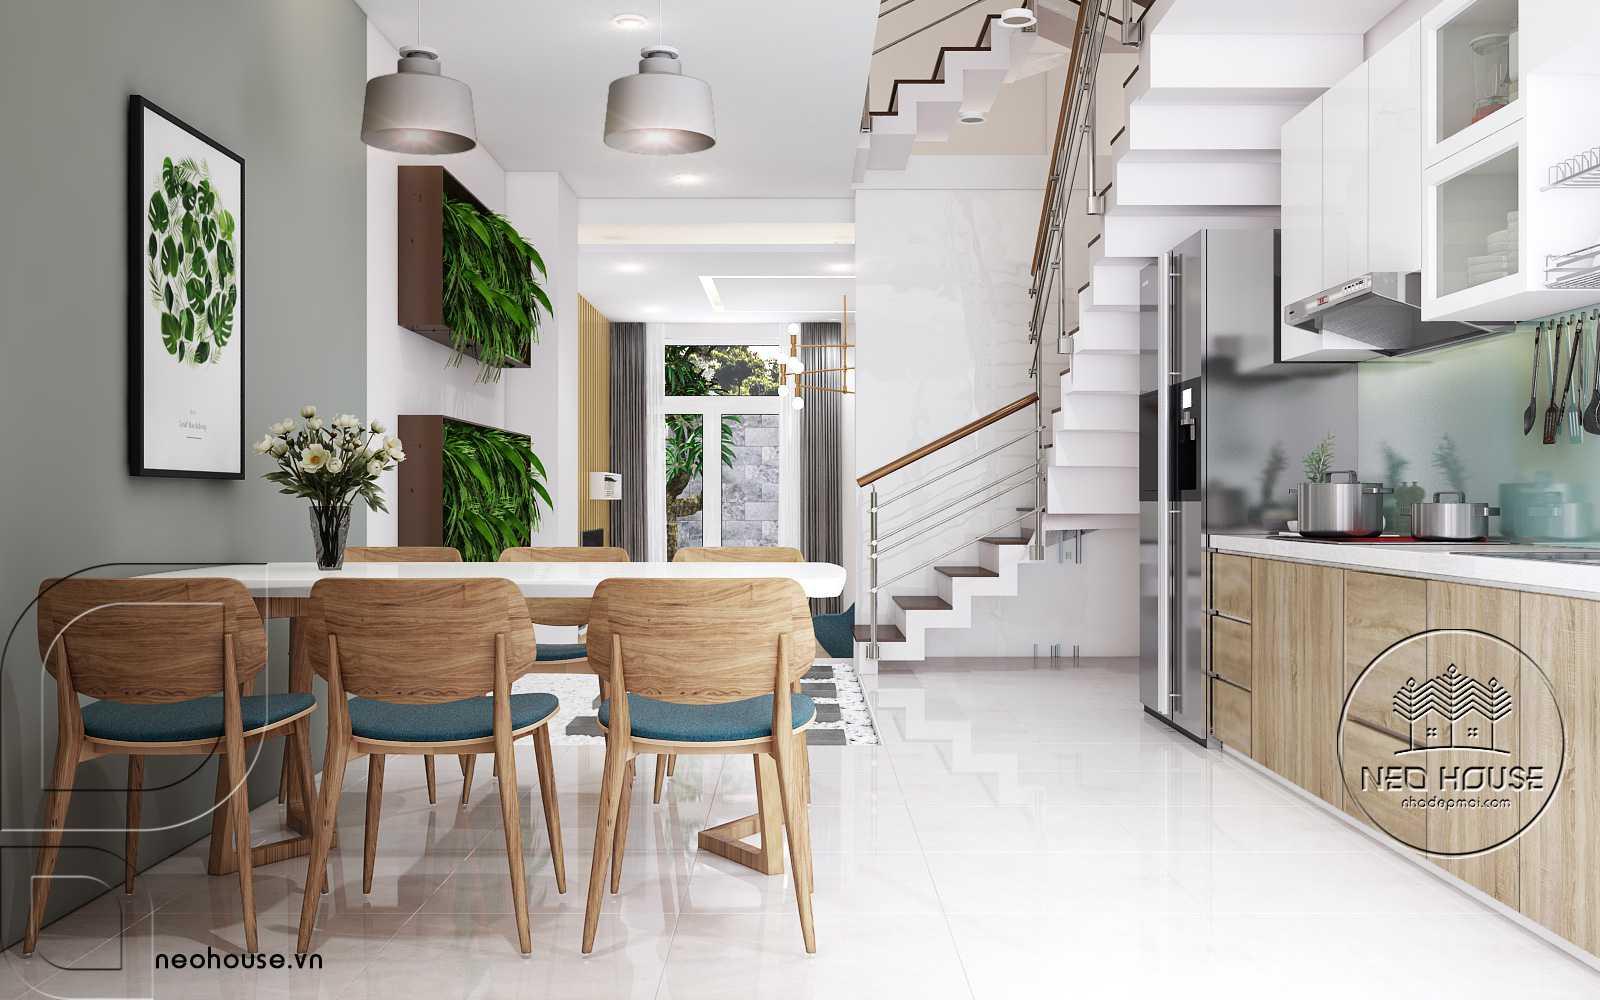 Nội thất phòng bếp và bàn ăn nhà phố đẹp 3 tầng 1 tum. Ảnh 2